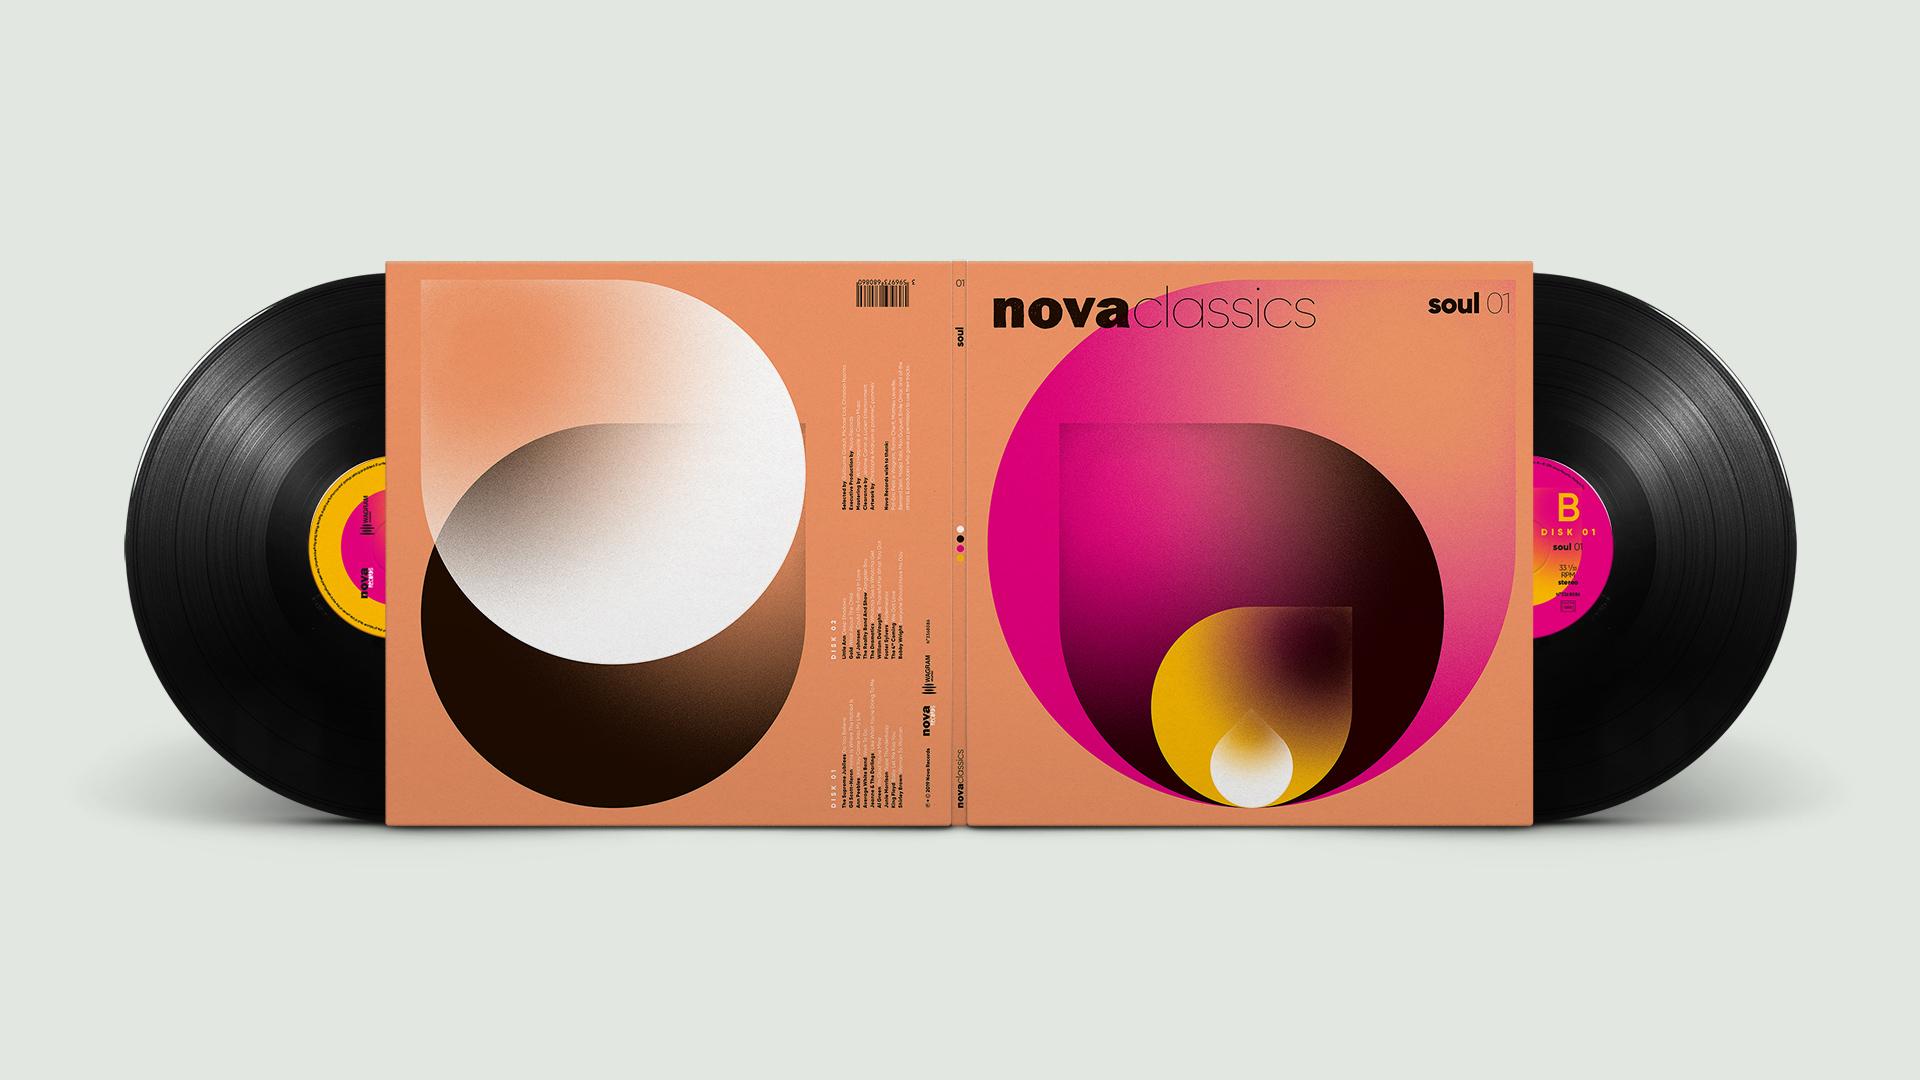 Nova Classics Soul double vinyles gatefold conception & création graphique pommeC pommeV graphisme & illustration Christophe Andrusin